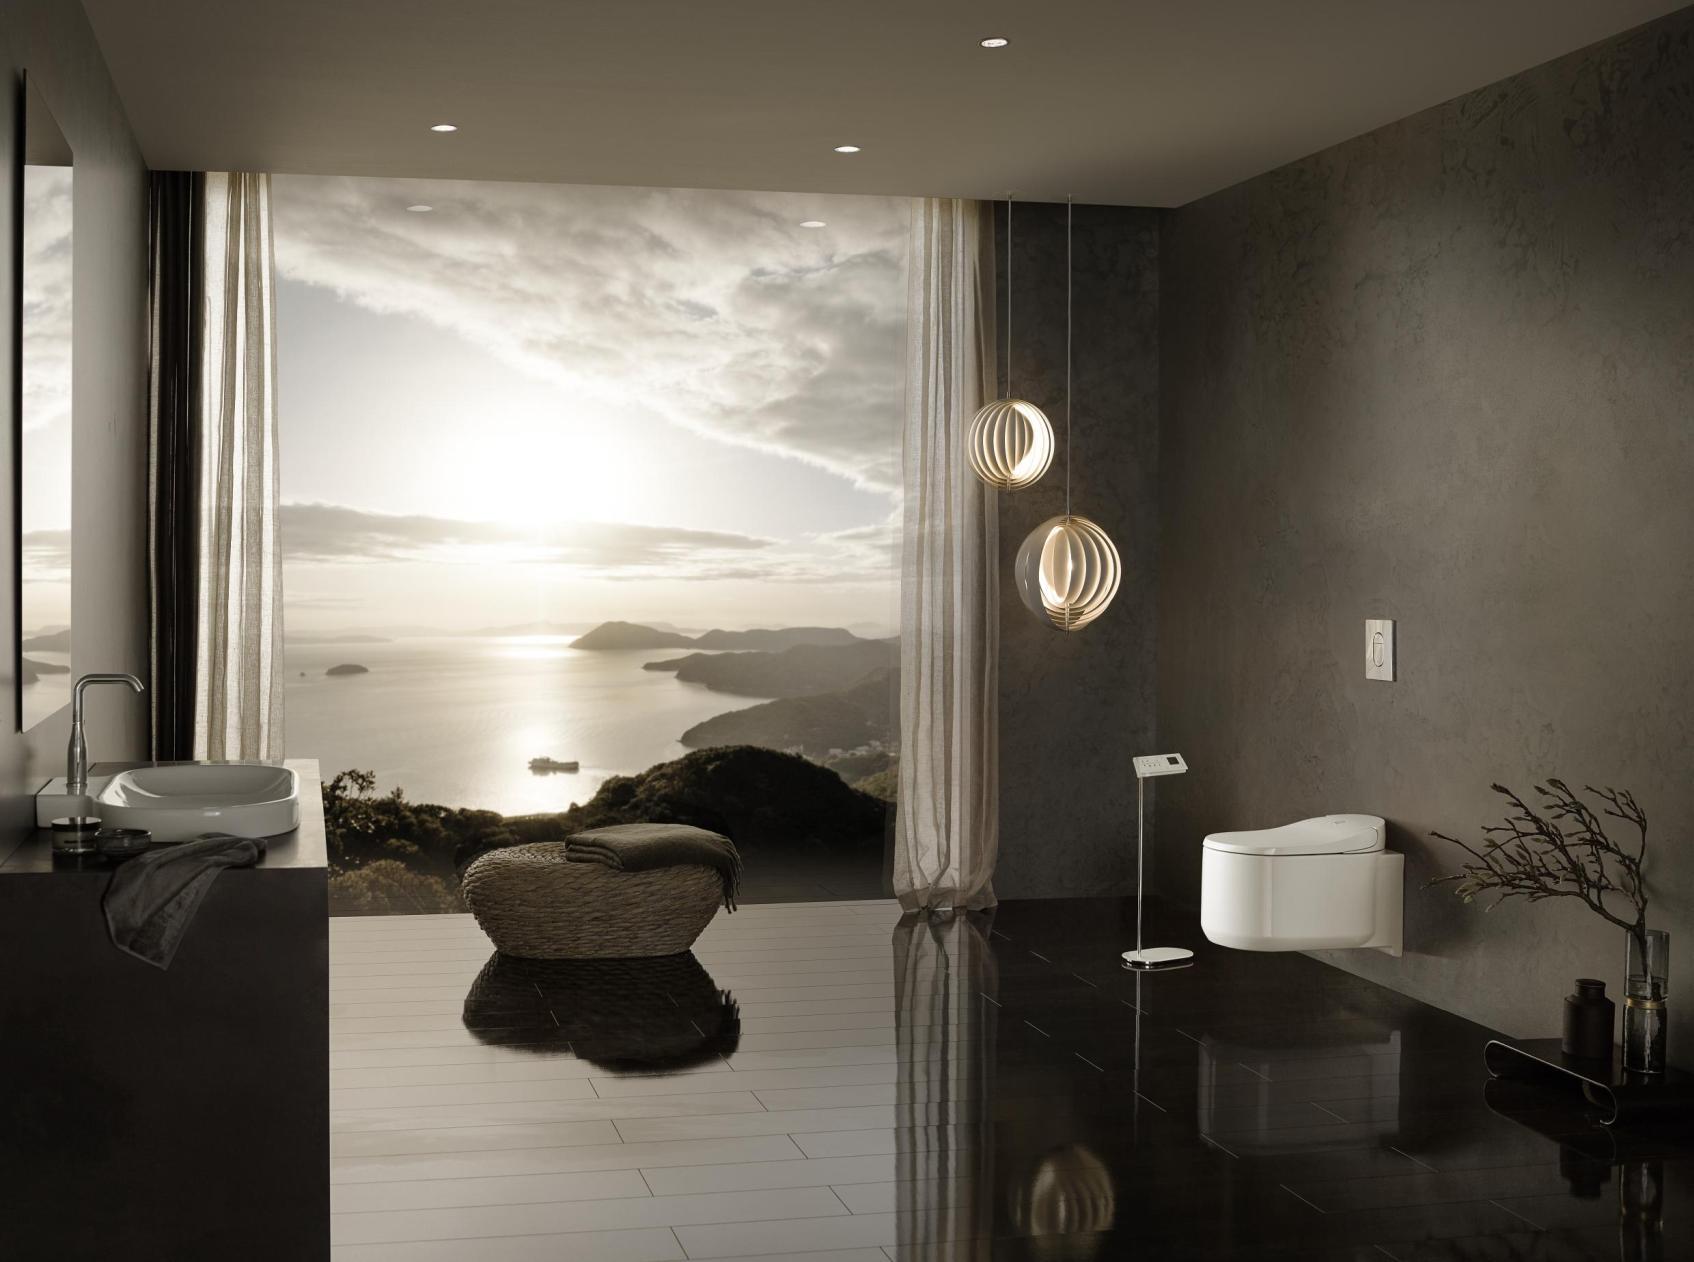 Toaleta Myjąca Top 6 Najlepszych Propozycji Zobacz